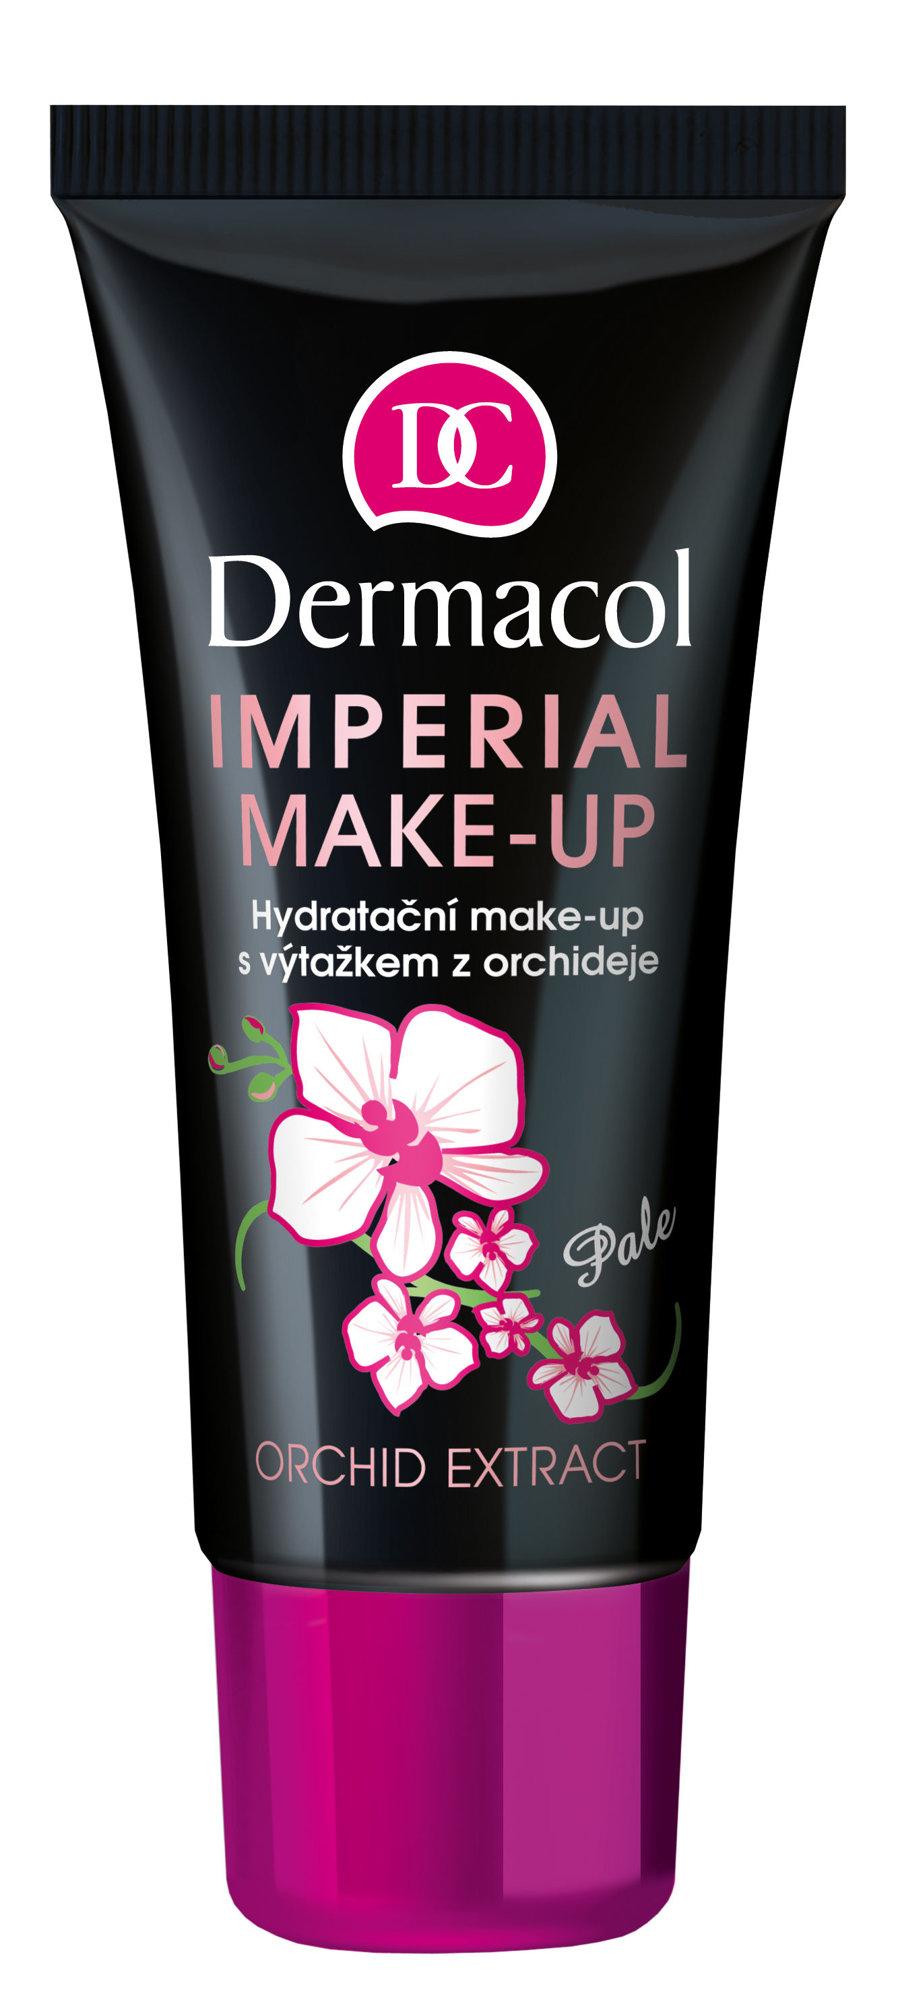 Kreminė pudra Dermacol Imperial